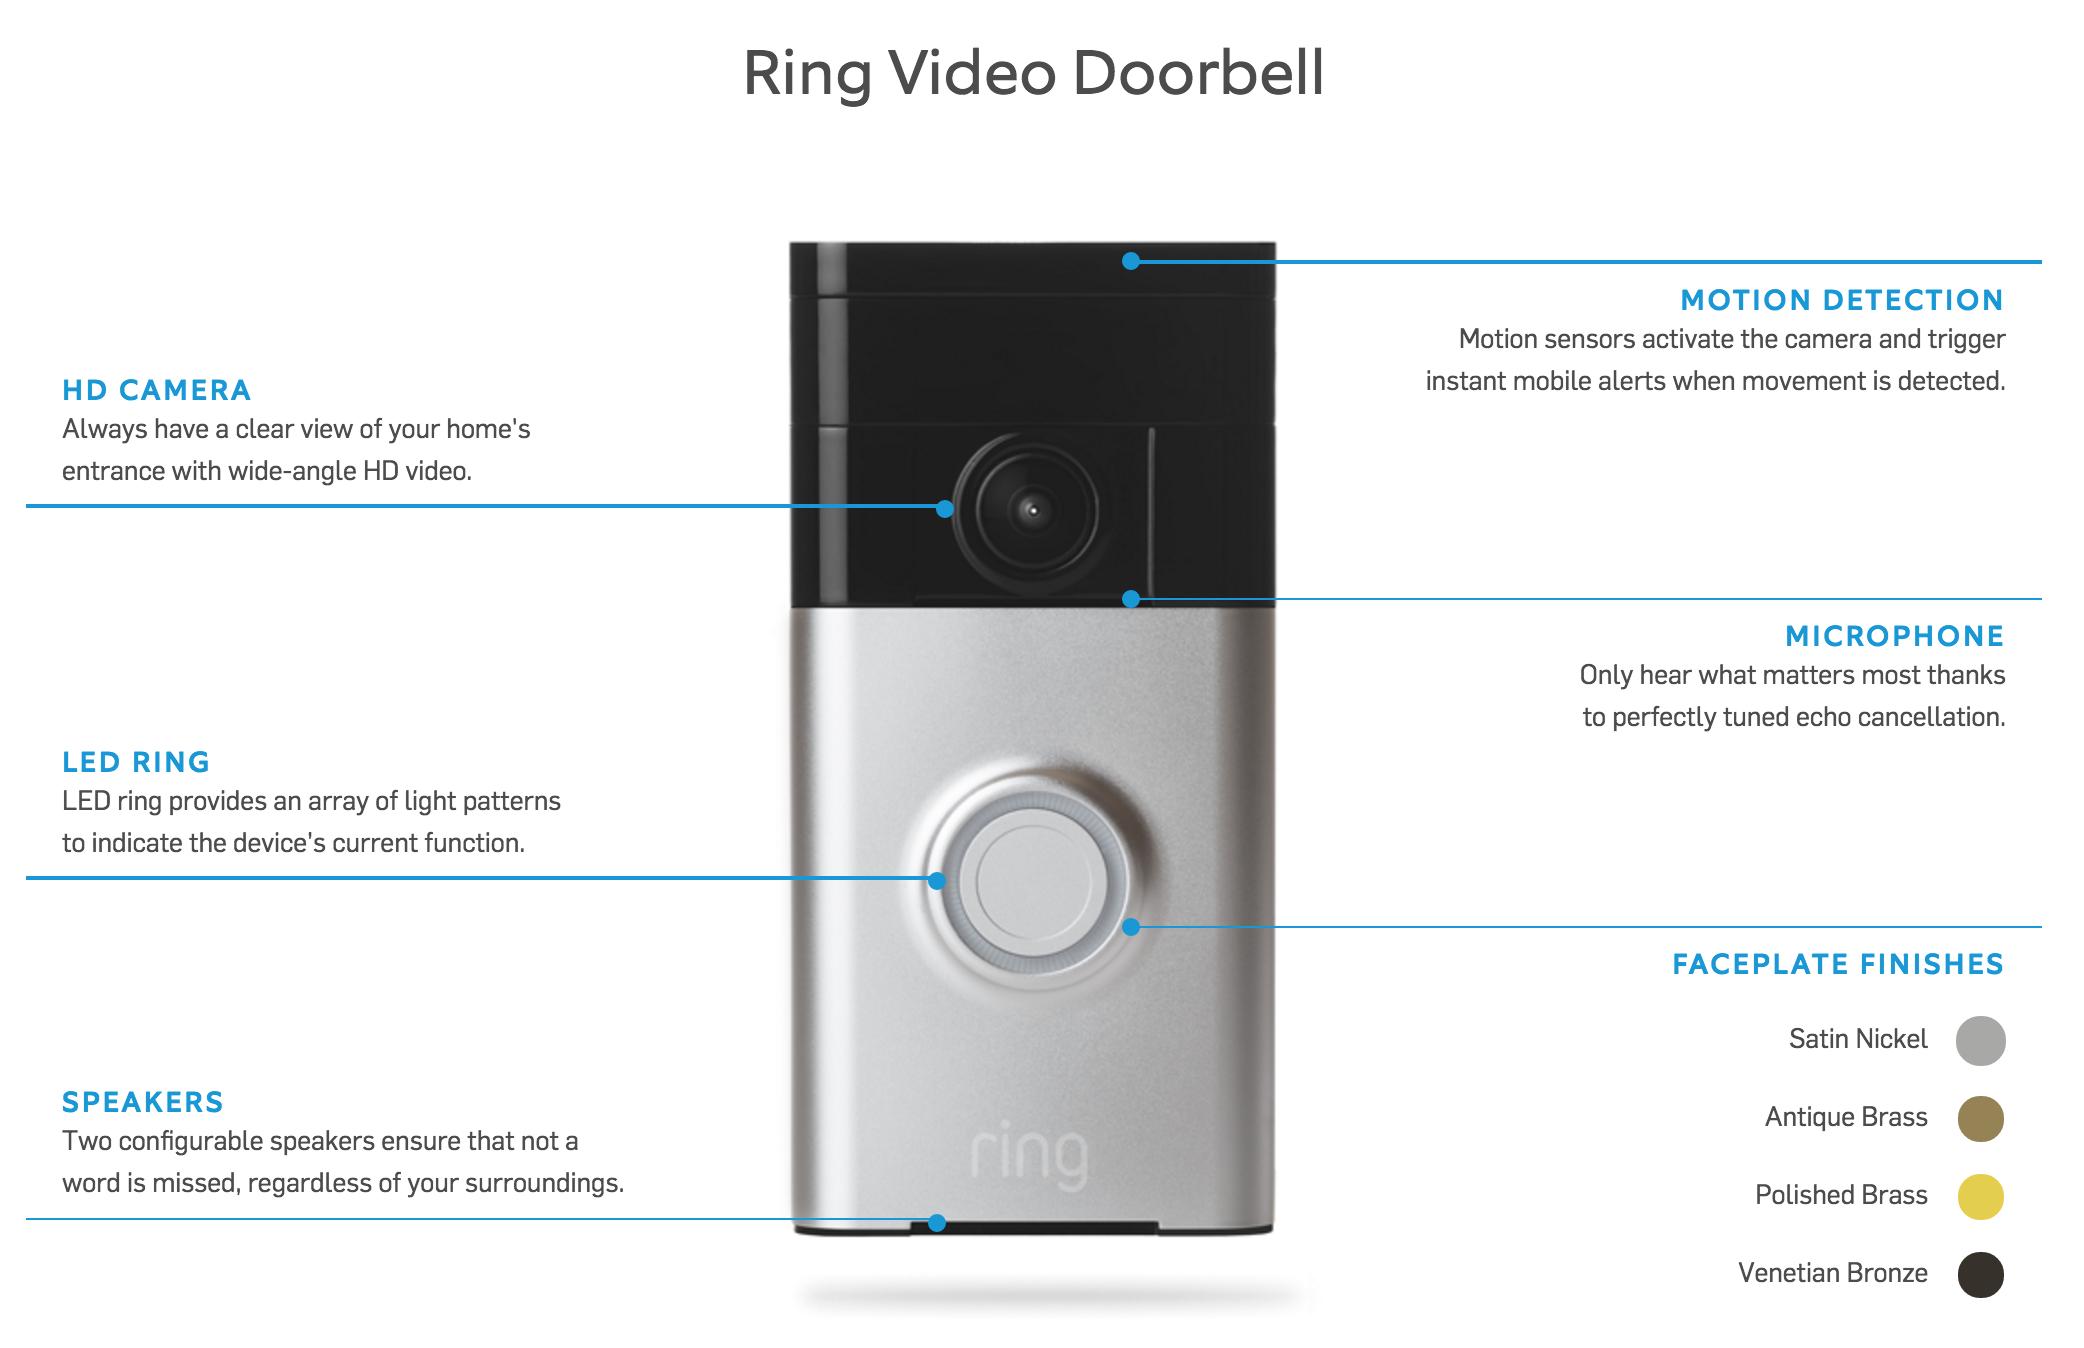 Ring Video Doorbell features